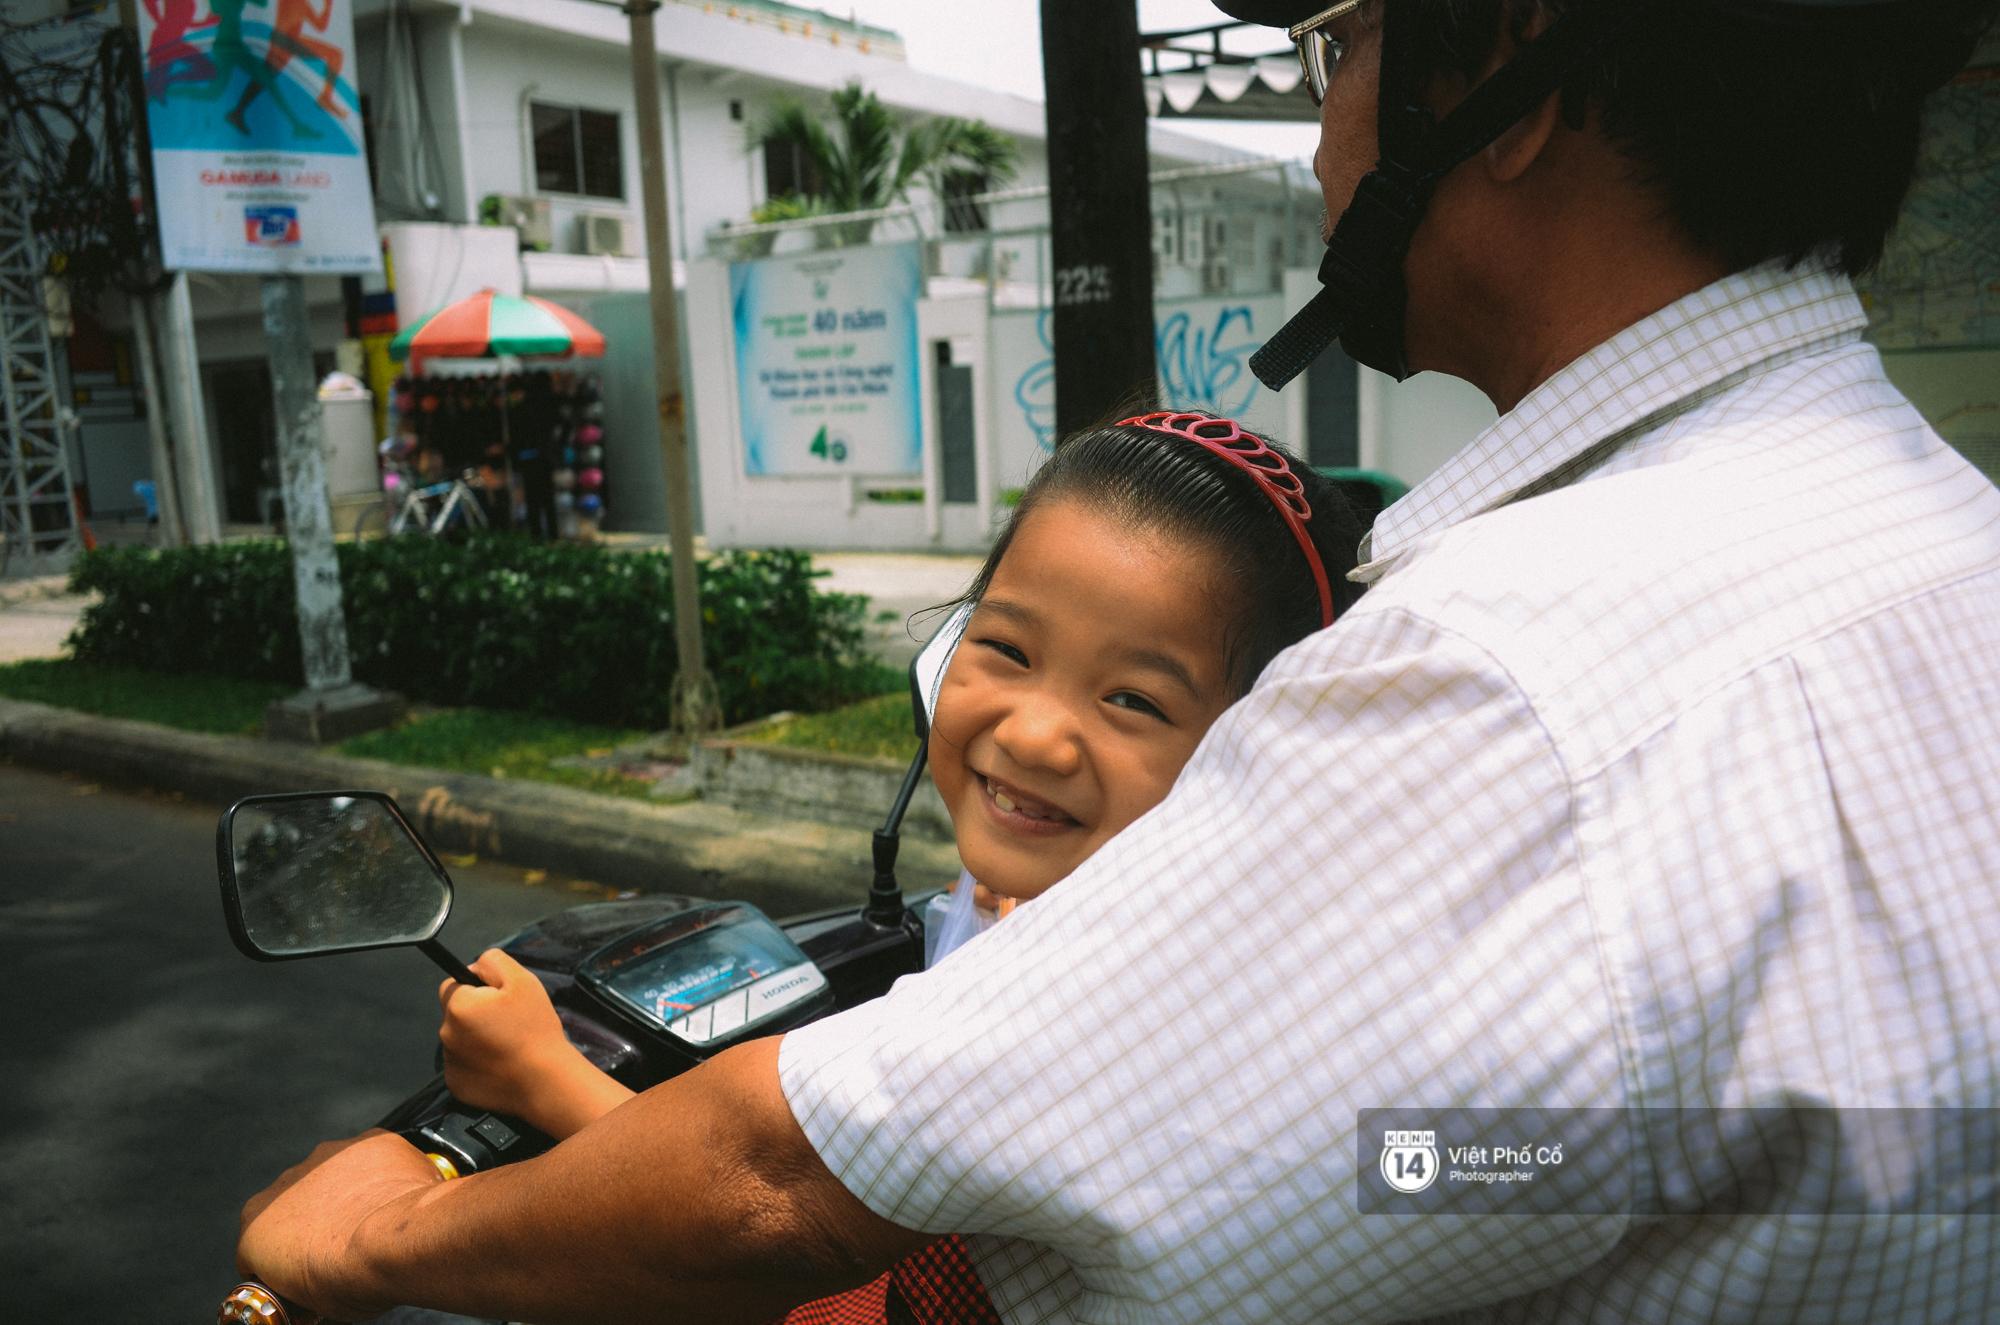 Gia đình vé số Sài Gòn: Ba mẹ ăn chuối luộc thay cơm, hai con gái không biết đến thịt cá - Ảnh 2.